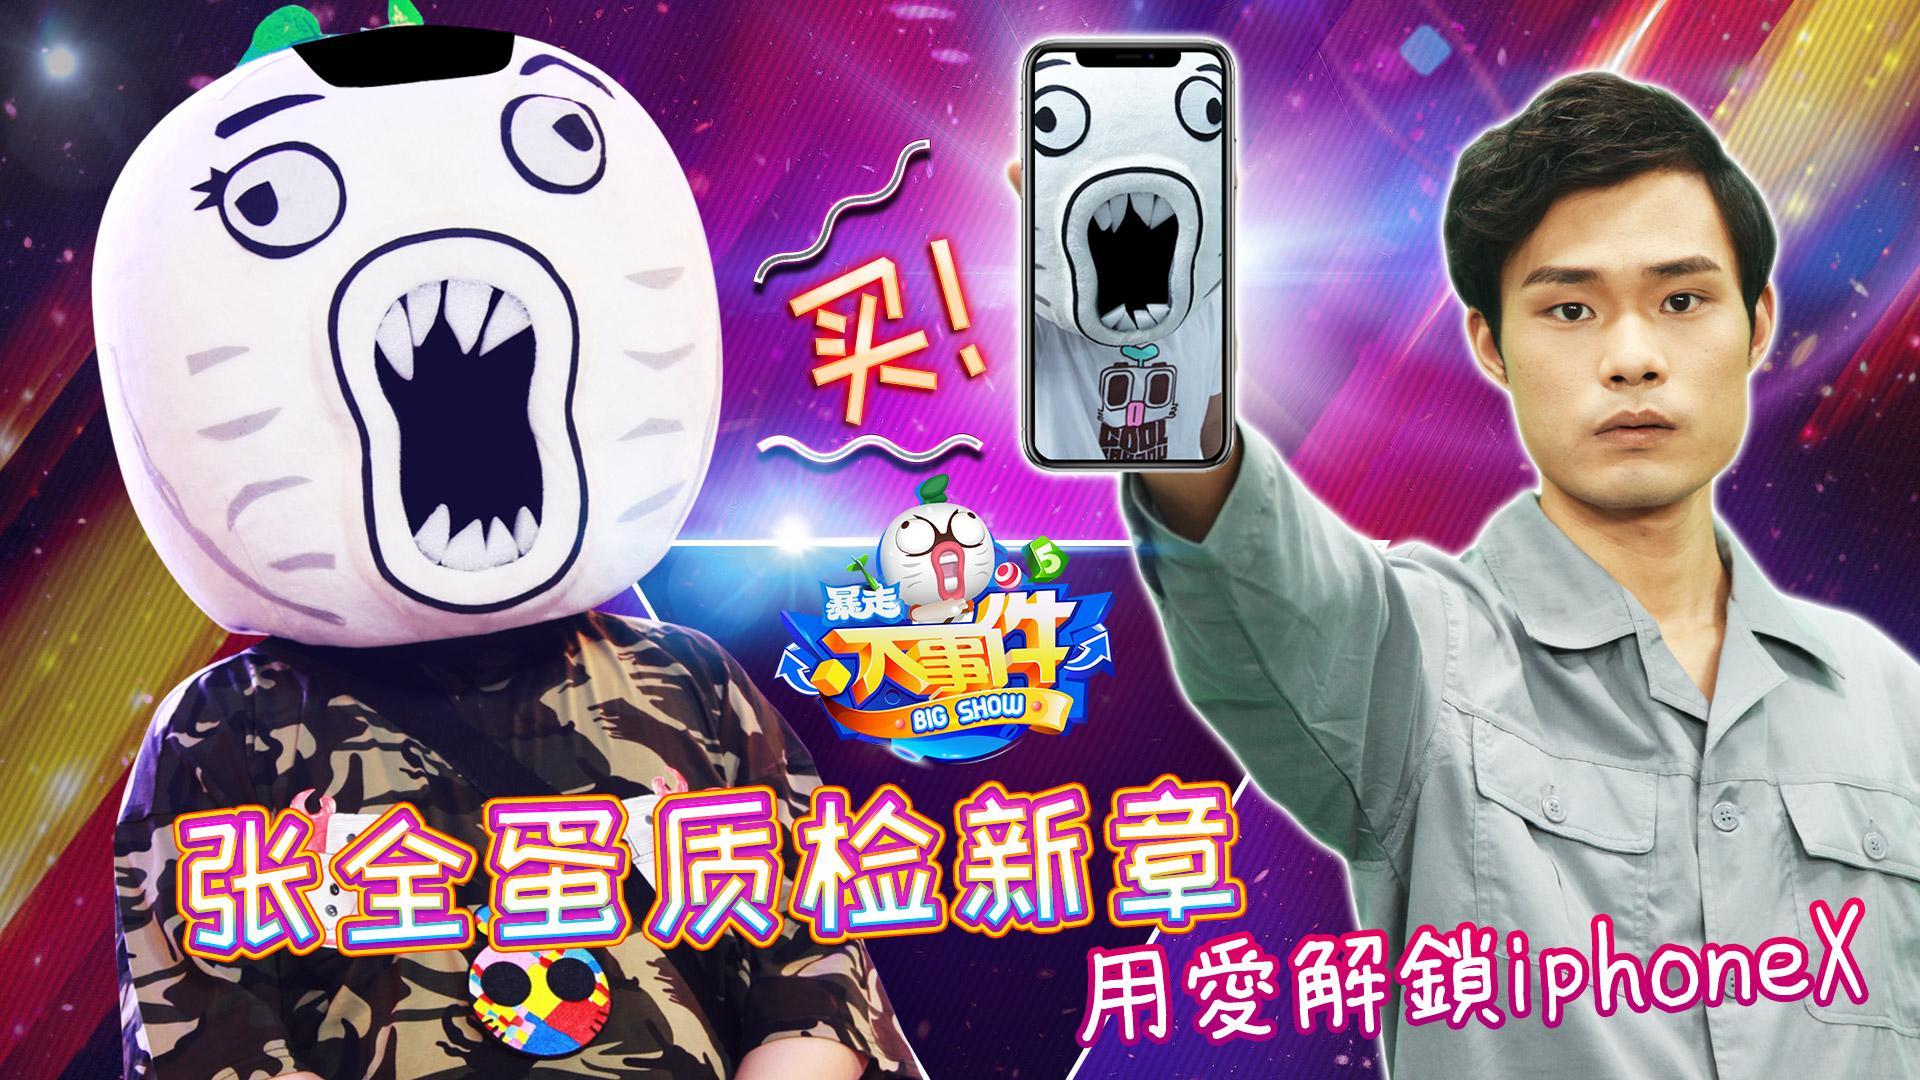 张全蛋质检新章用爱解锁iphoneX 31【暴走大事件第五季】